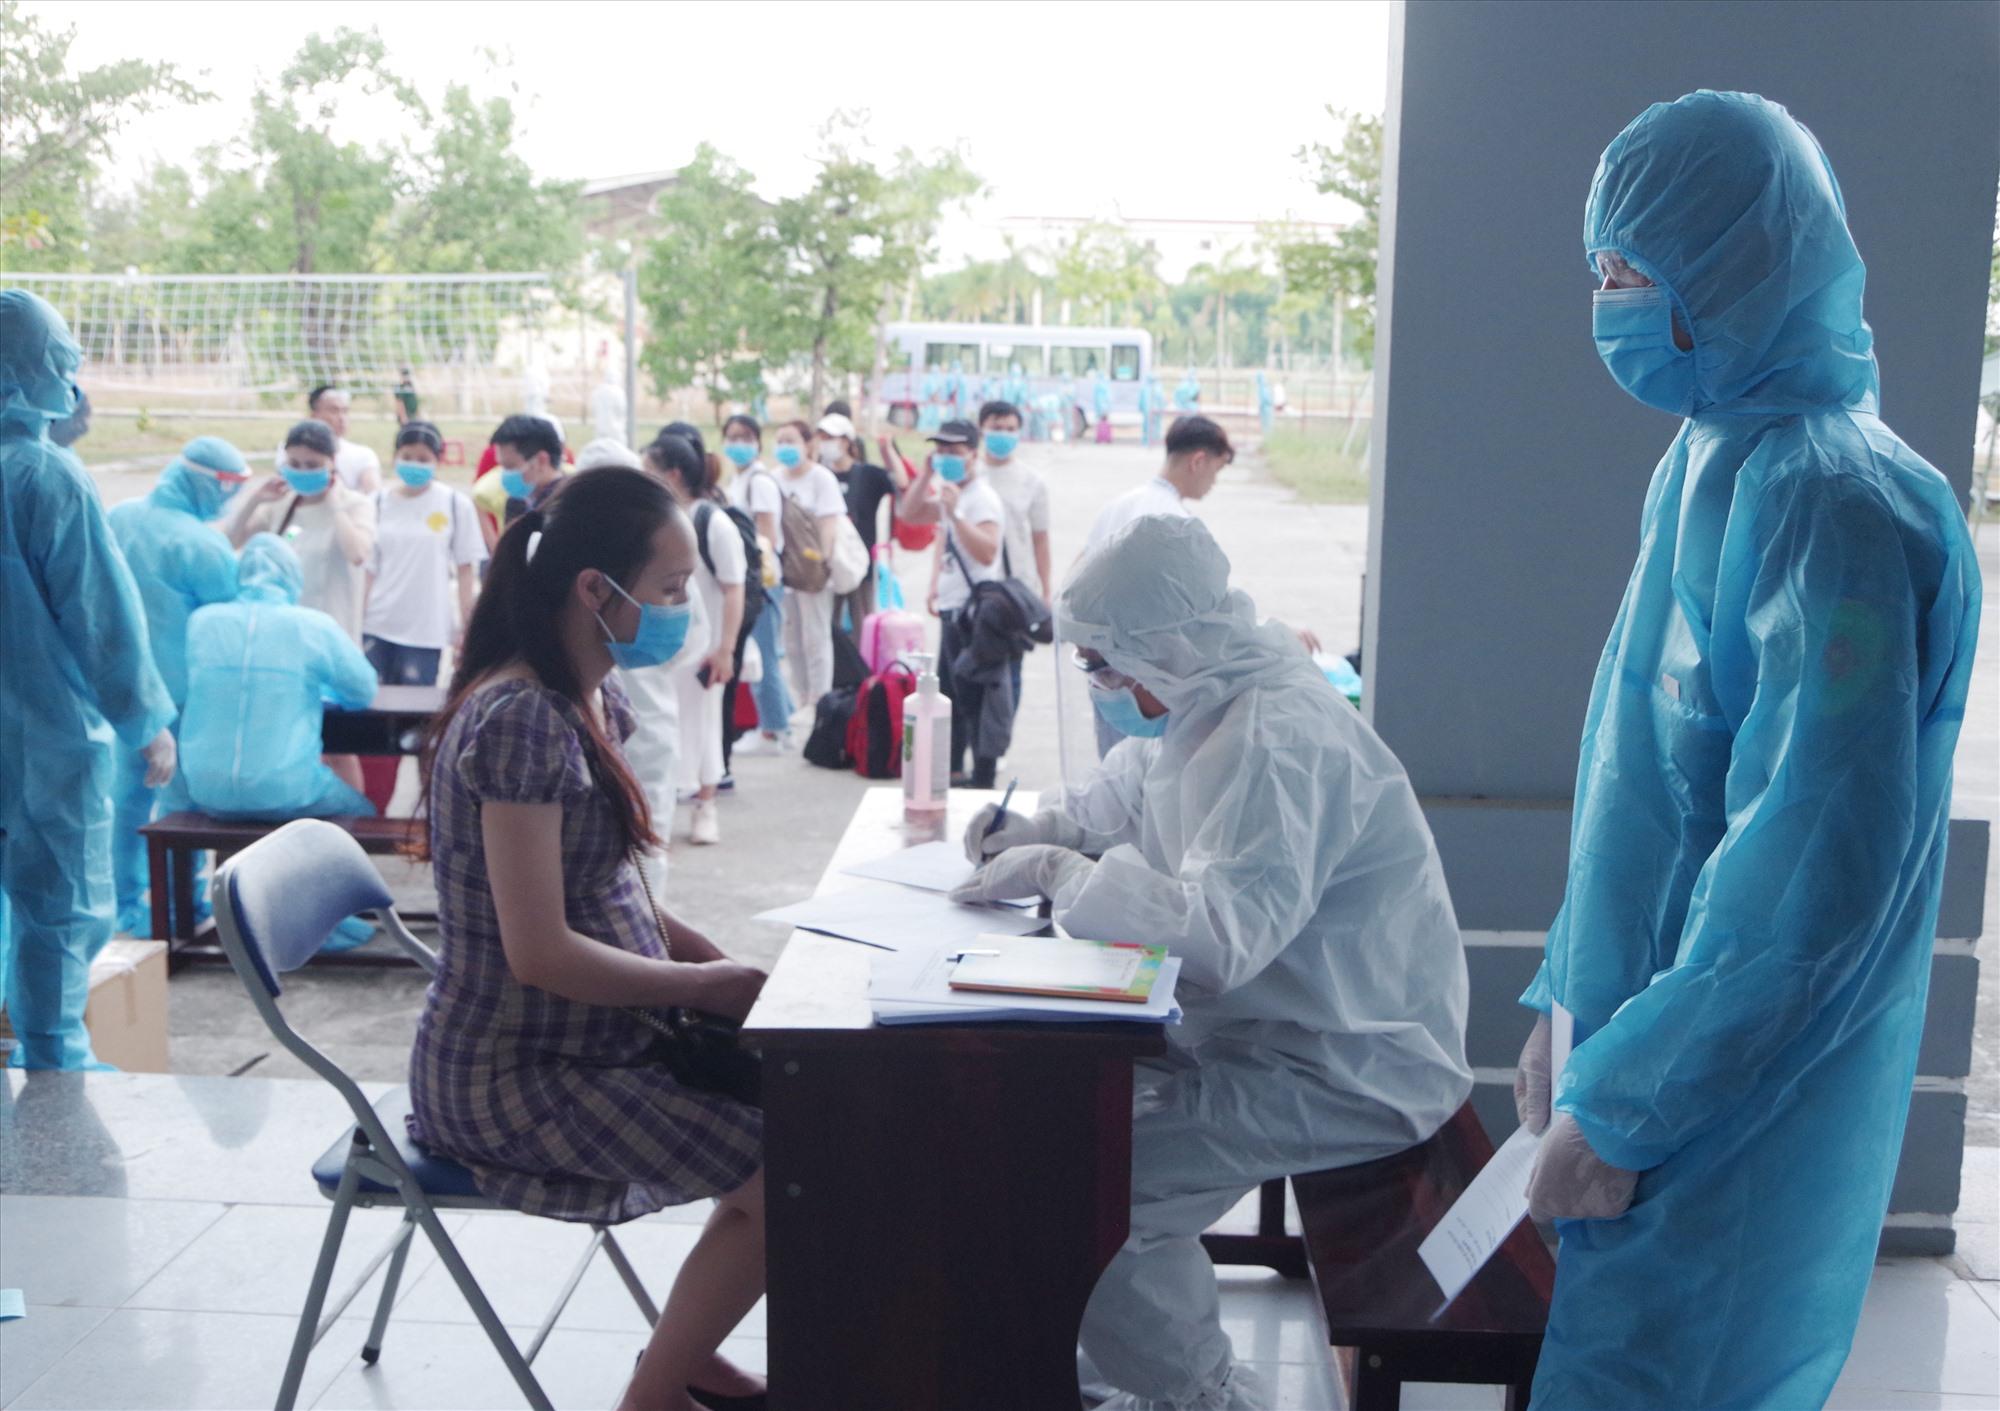 Quảng Nam đã thực hiện khoanh vùng, truy vết, cách ly nhiều trường hợp có liên quan đến các ca nhiễm Covid-19 tại TP.Đà Nẵng và Quảng Ngãi. Ảnh: P.T